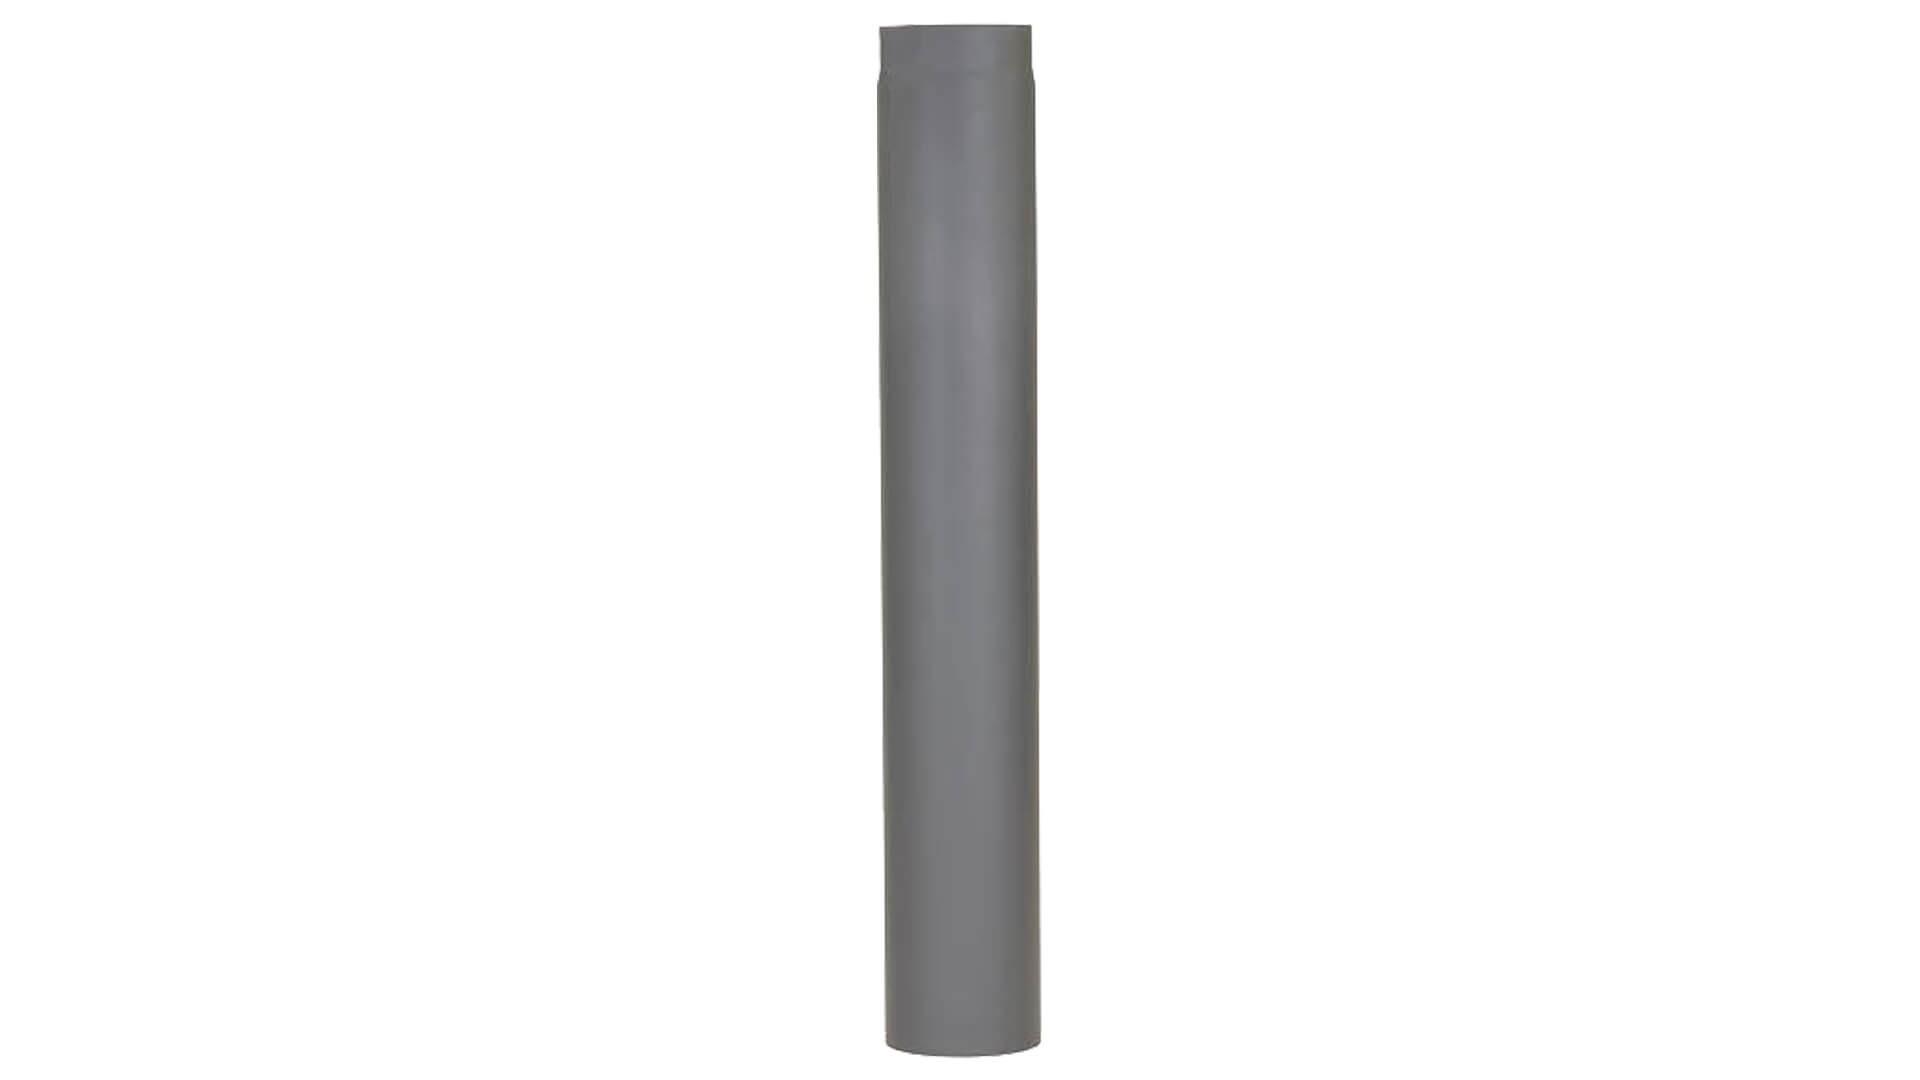 Kachelpijp Cosistove pijp enkelwandig verlengstuk 100 cm zwart